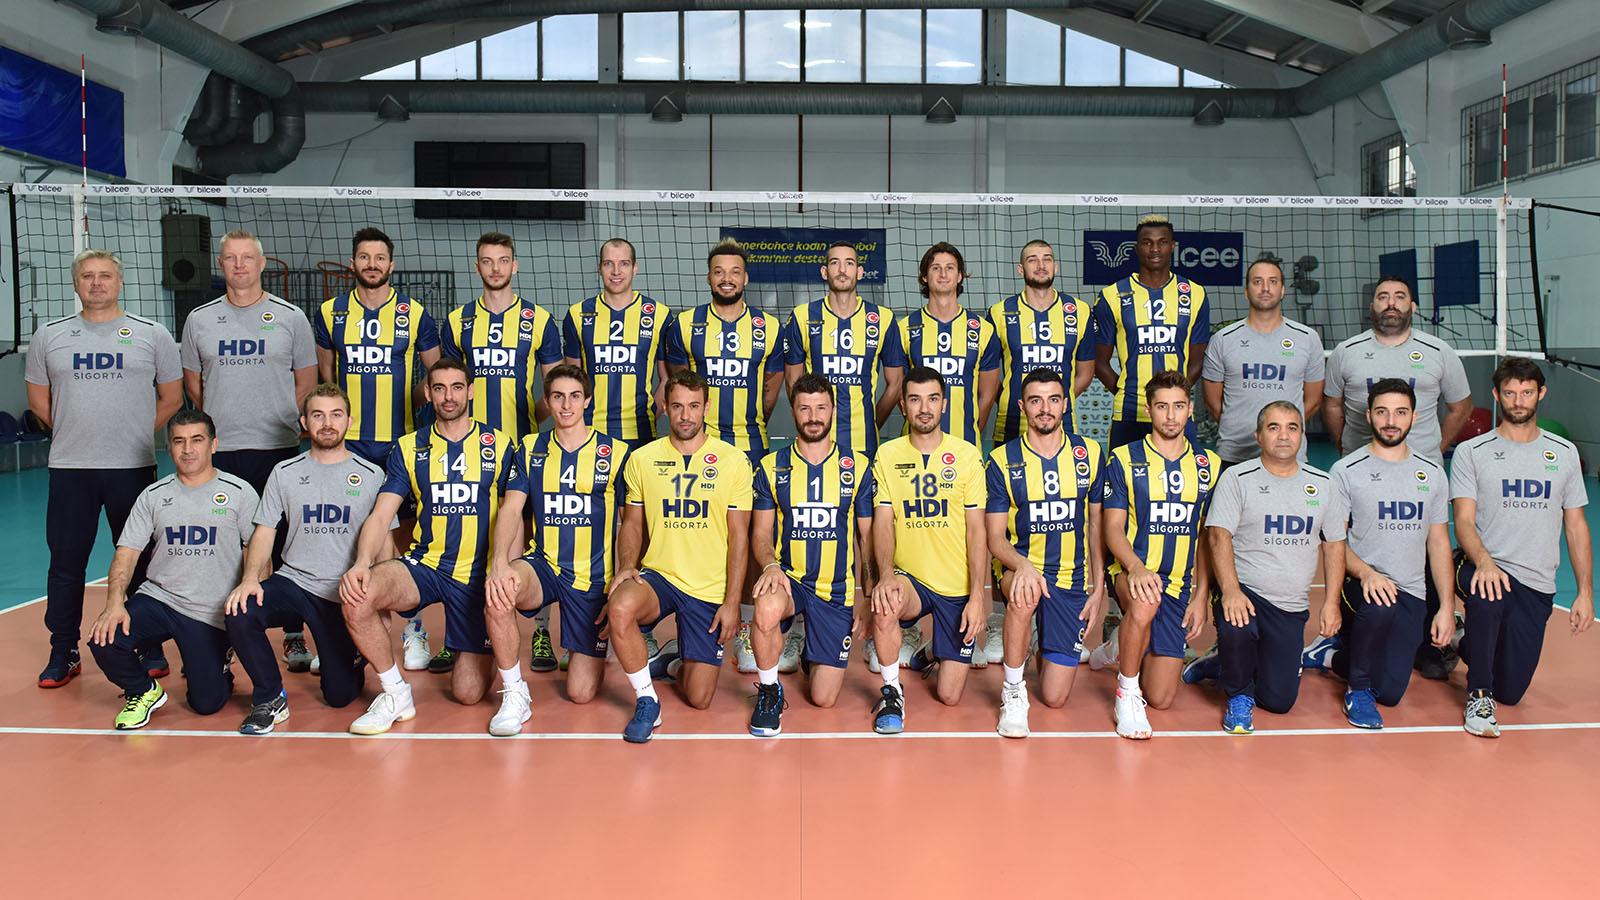 Fenerbahçe HDI Sigorta, Tokat Belediye Plevne'yi konuk ediyor